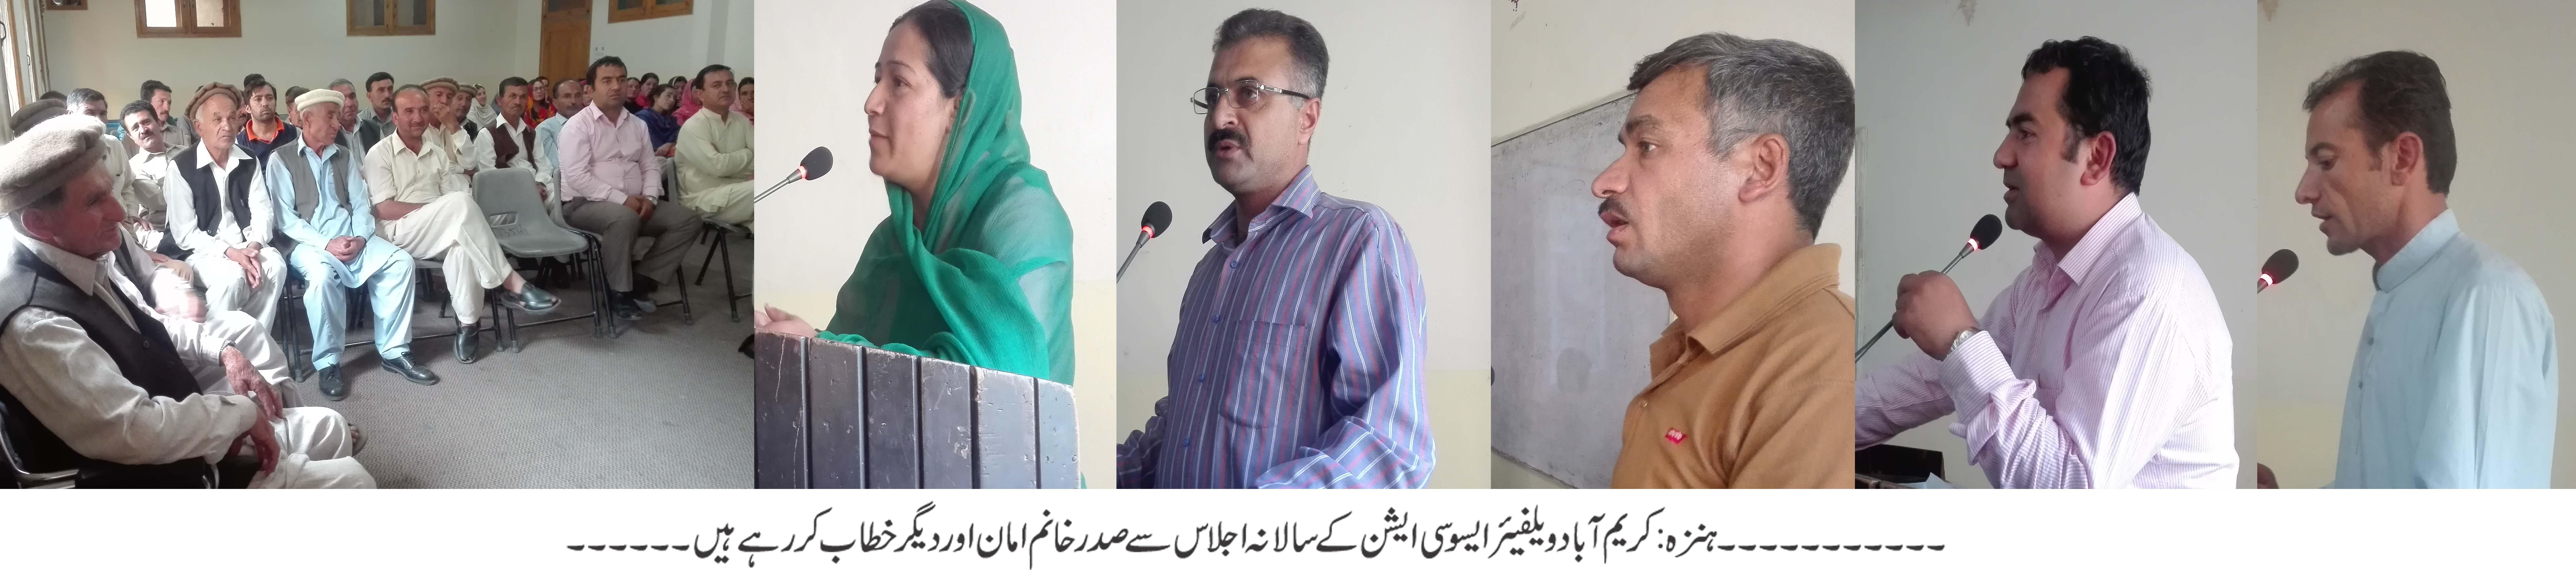 کریم آباد ویلفیر ایسوسی ایشن کا سالانہ اجلاس منعقد، کارکردگی سے ممبران کو آگاہ کیا گیا